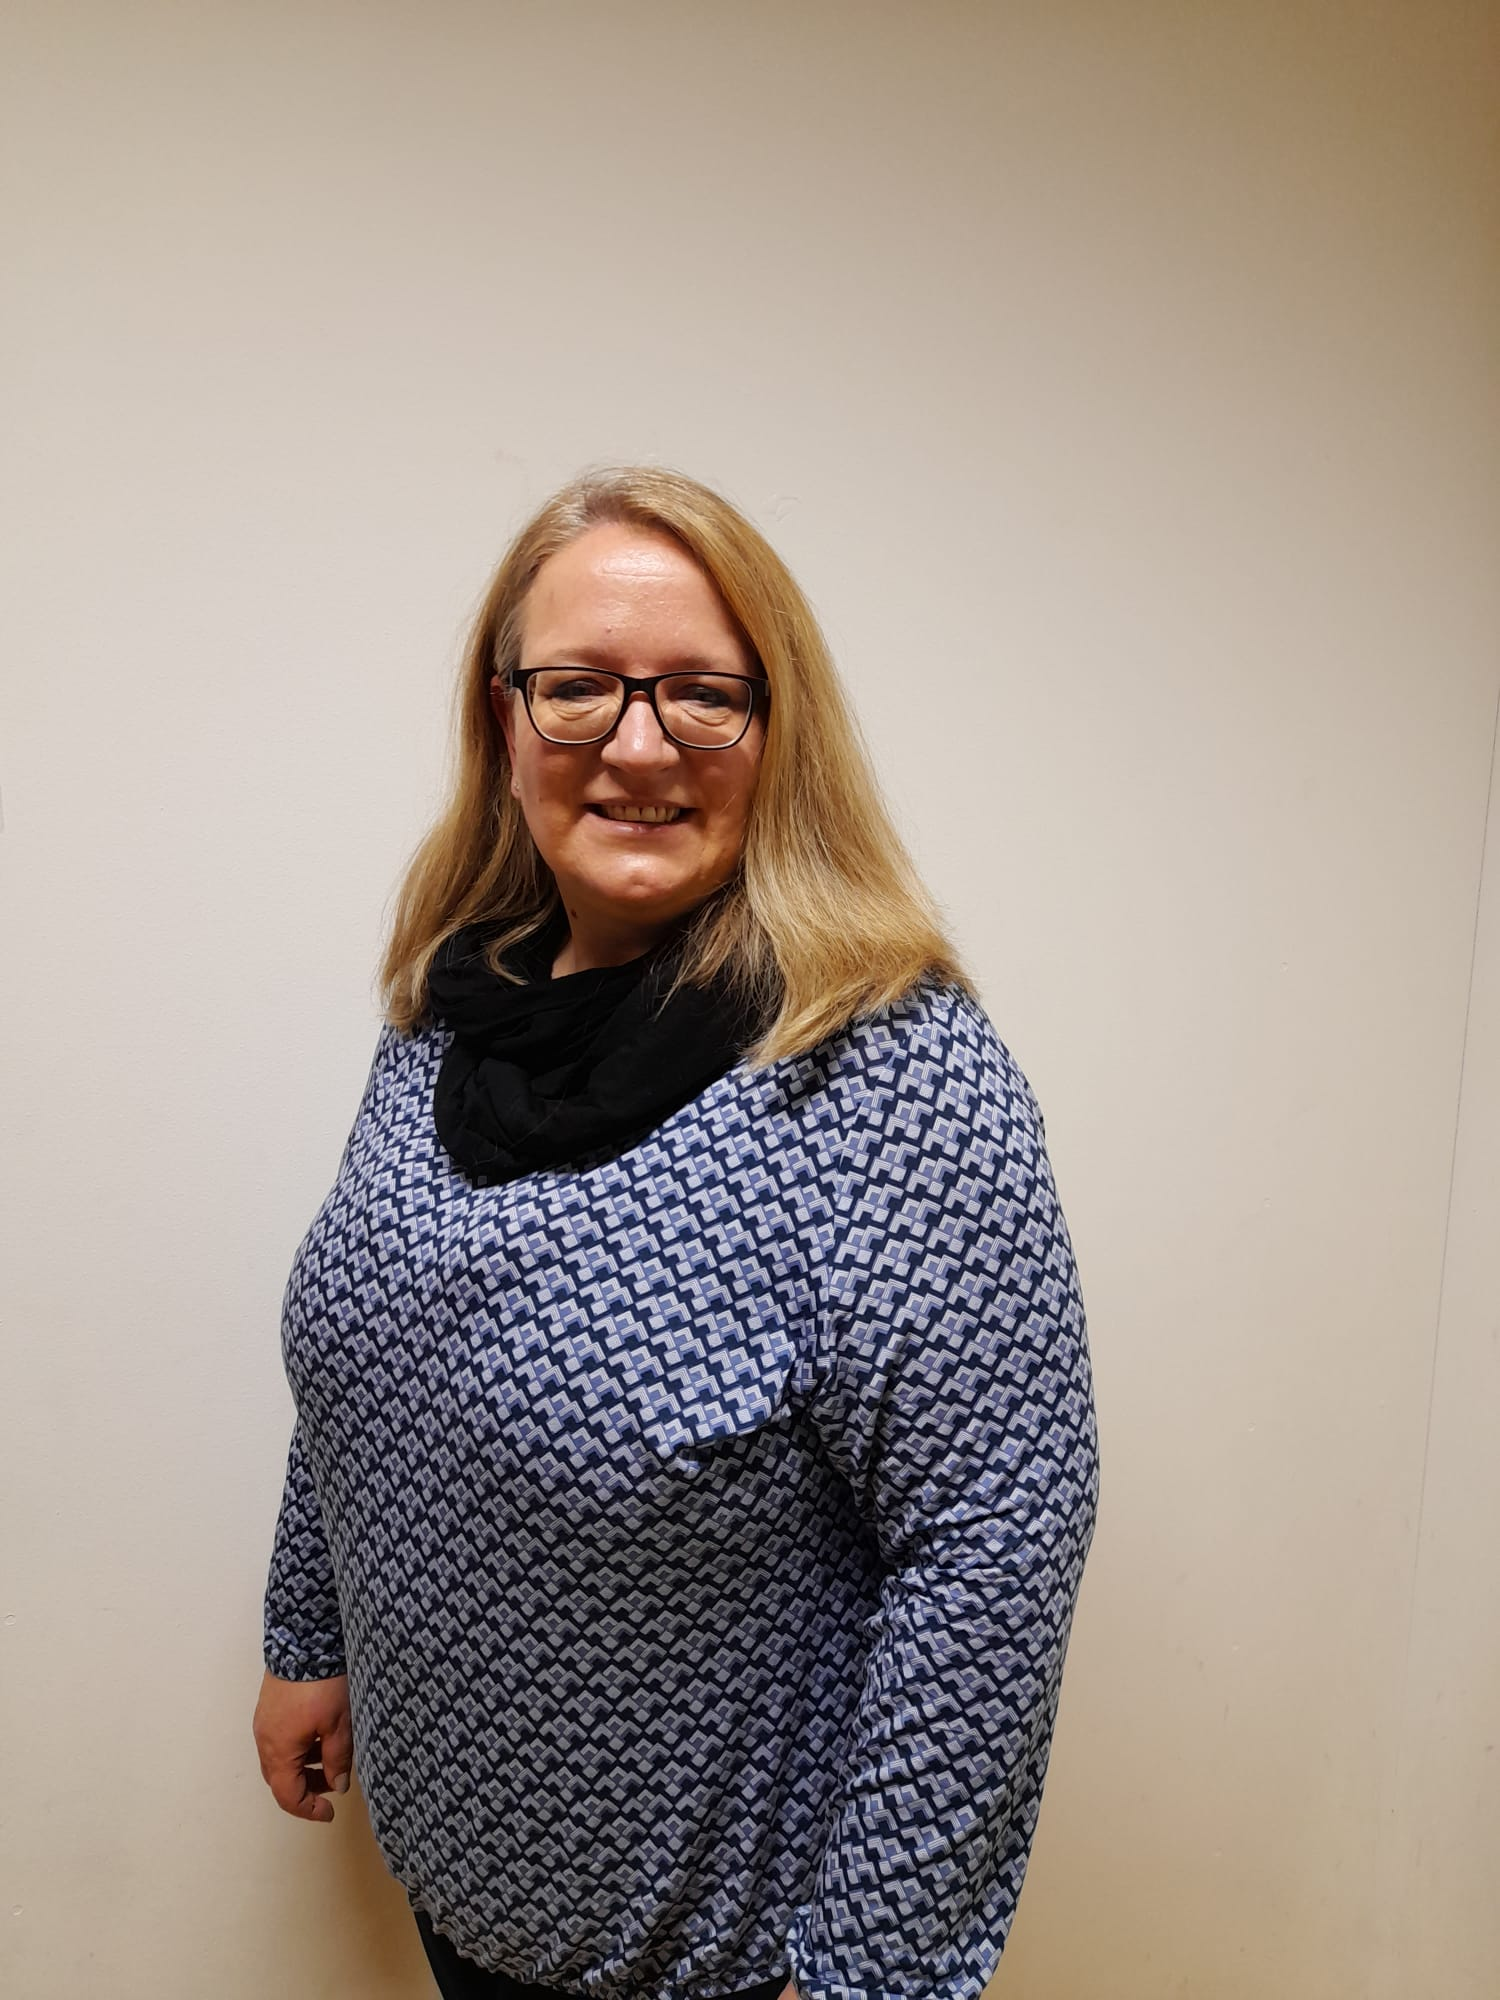 Melanie Röderer, Spielgruppenleiterin